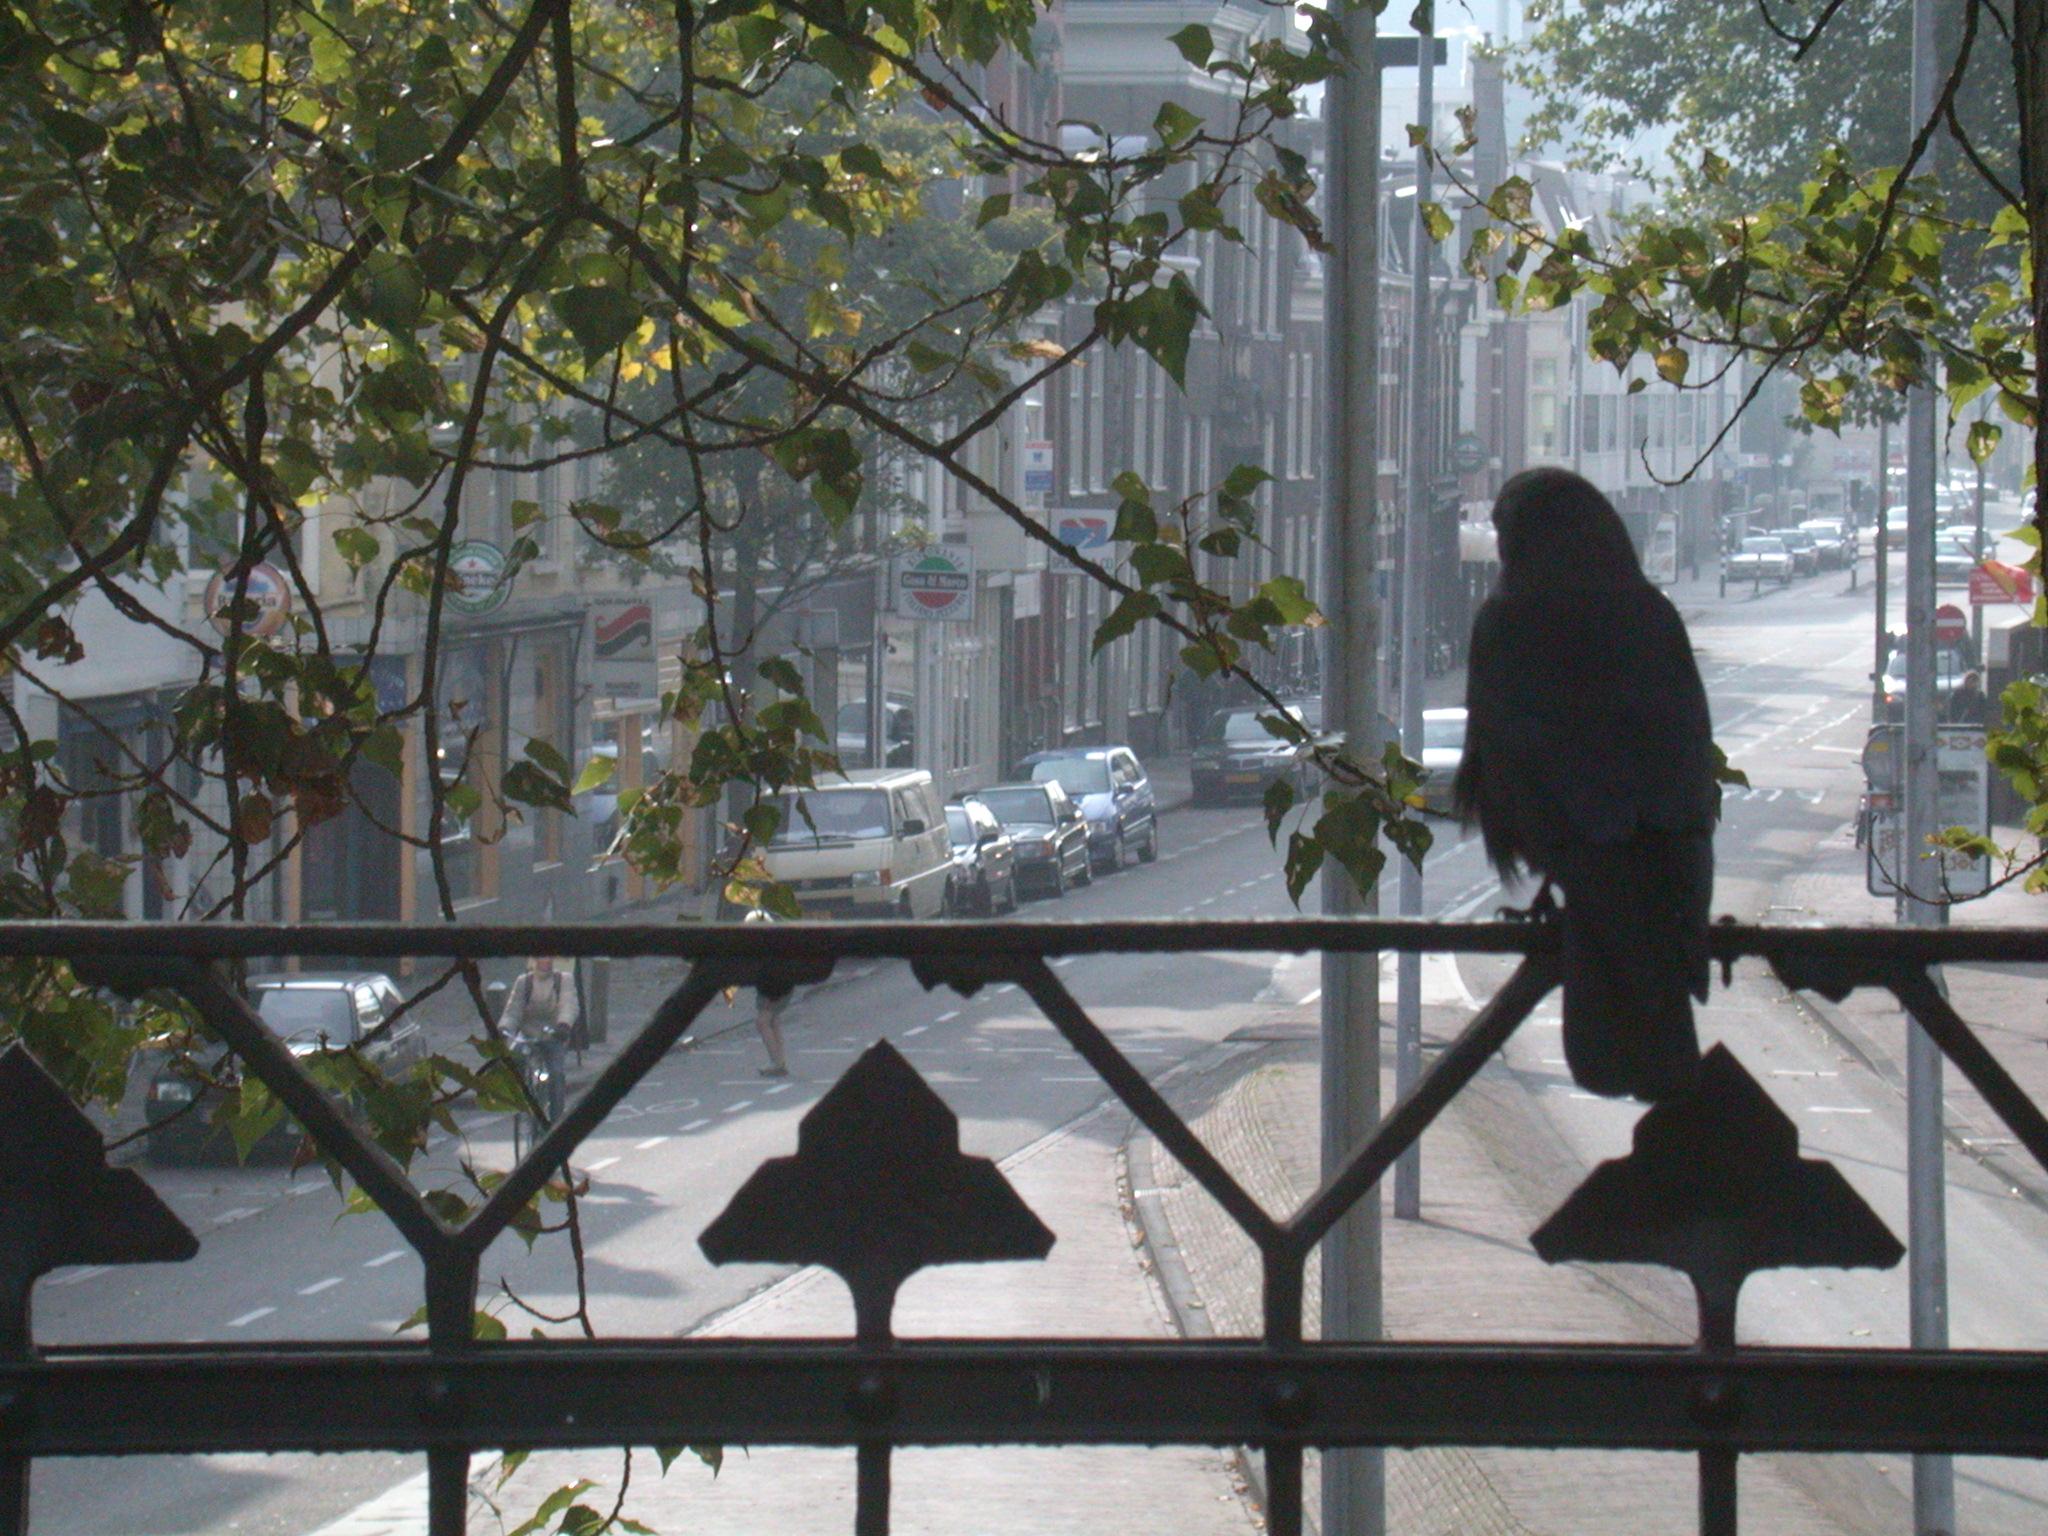 bird on a balcony balck street view